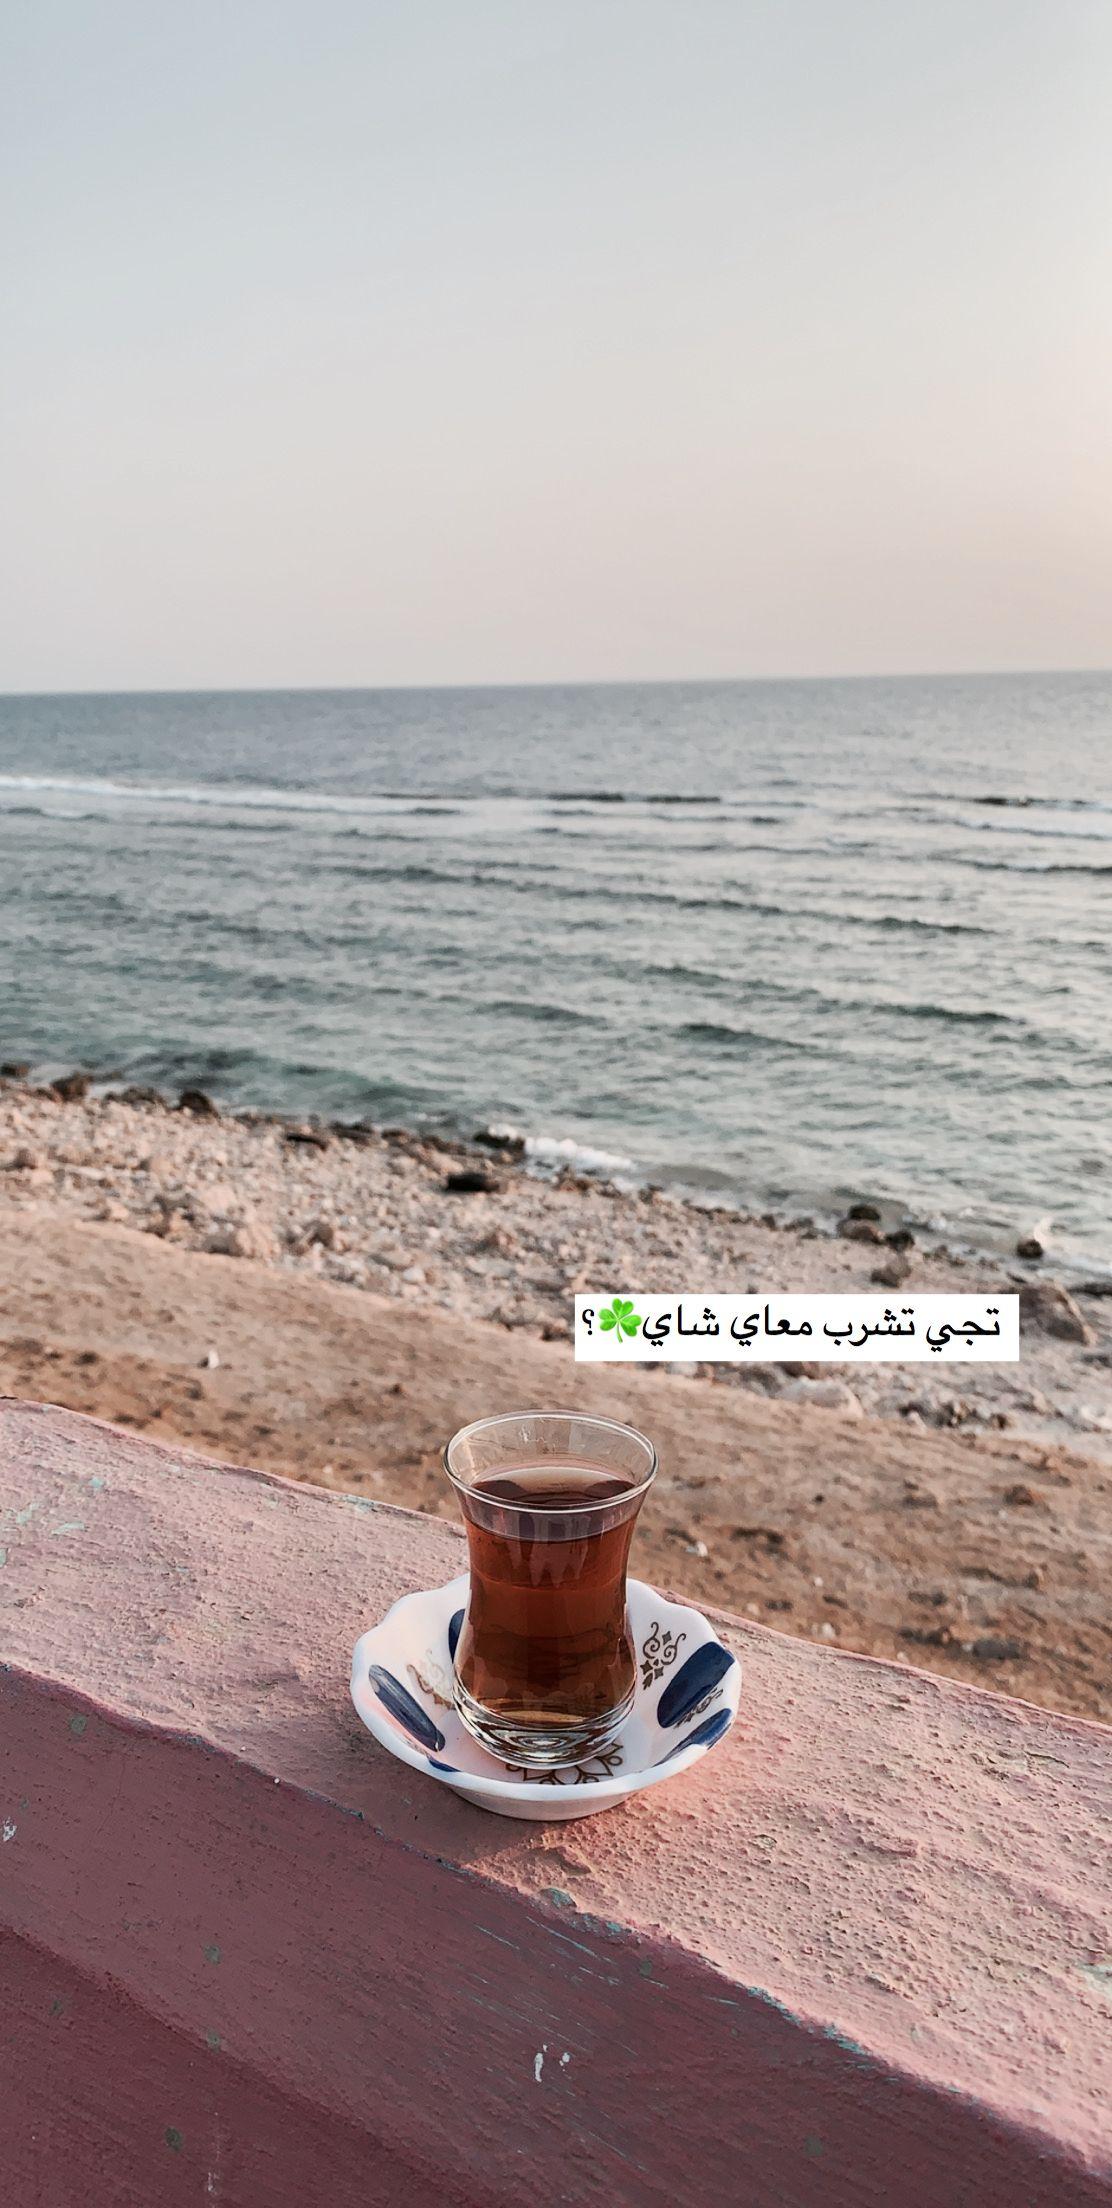 تصويري تصويري بحر سنابات Beautiful Scenery Pictures Picture Quotes Beach